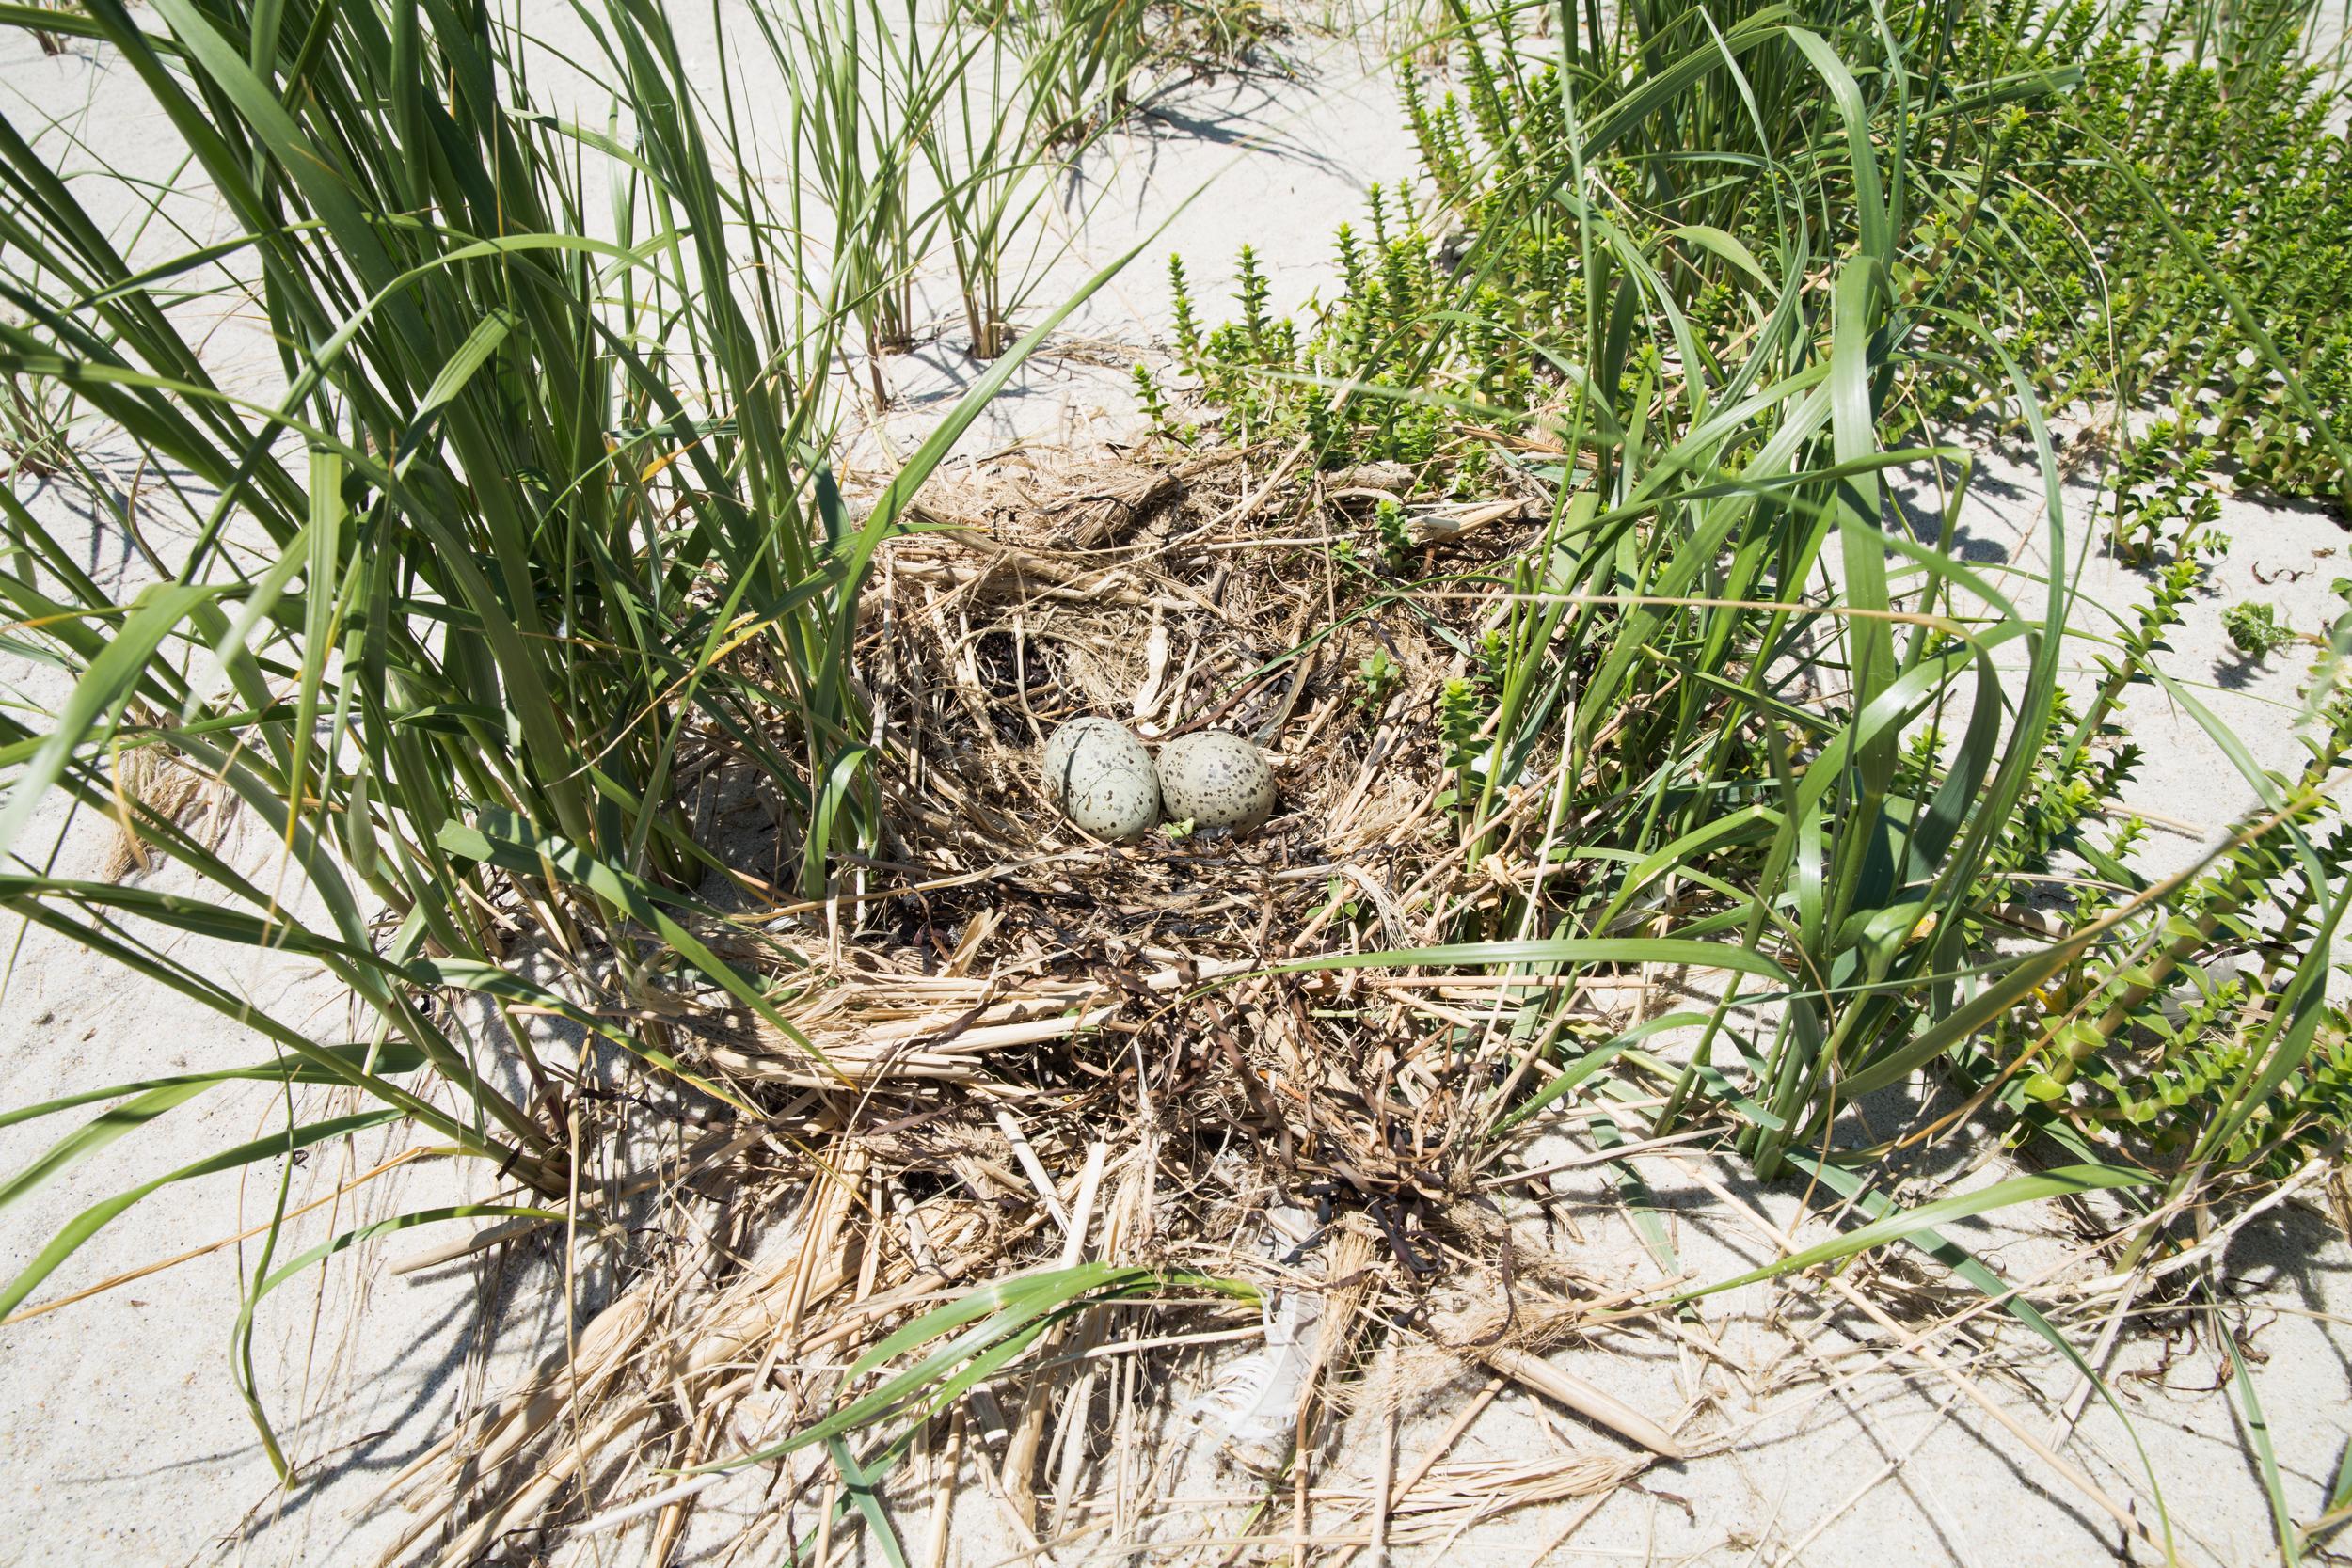 Herring Gull eggs